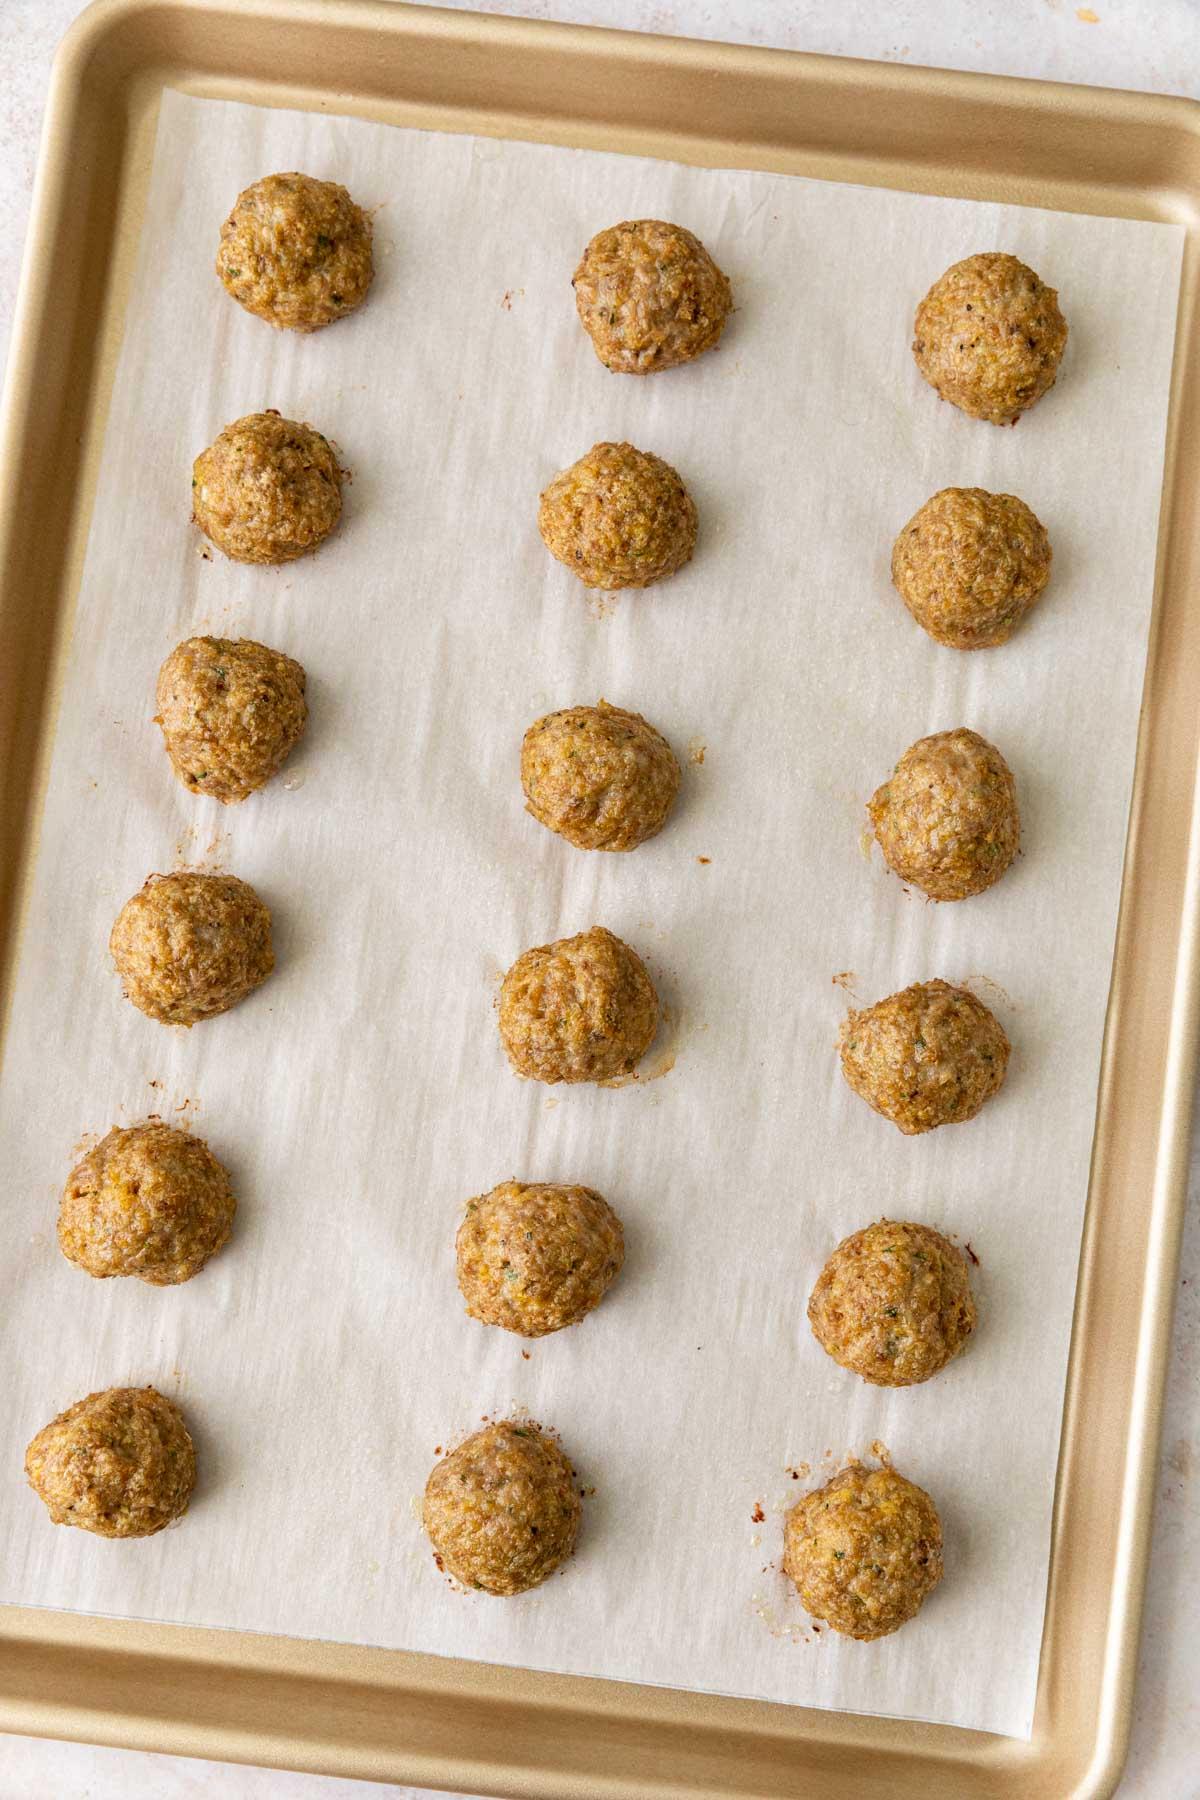 Turkey Meatballs on sheet pan, cooked